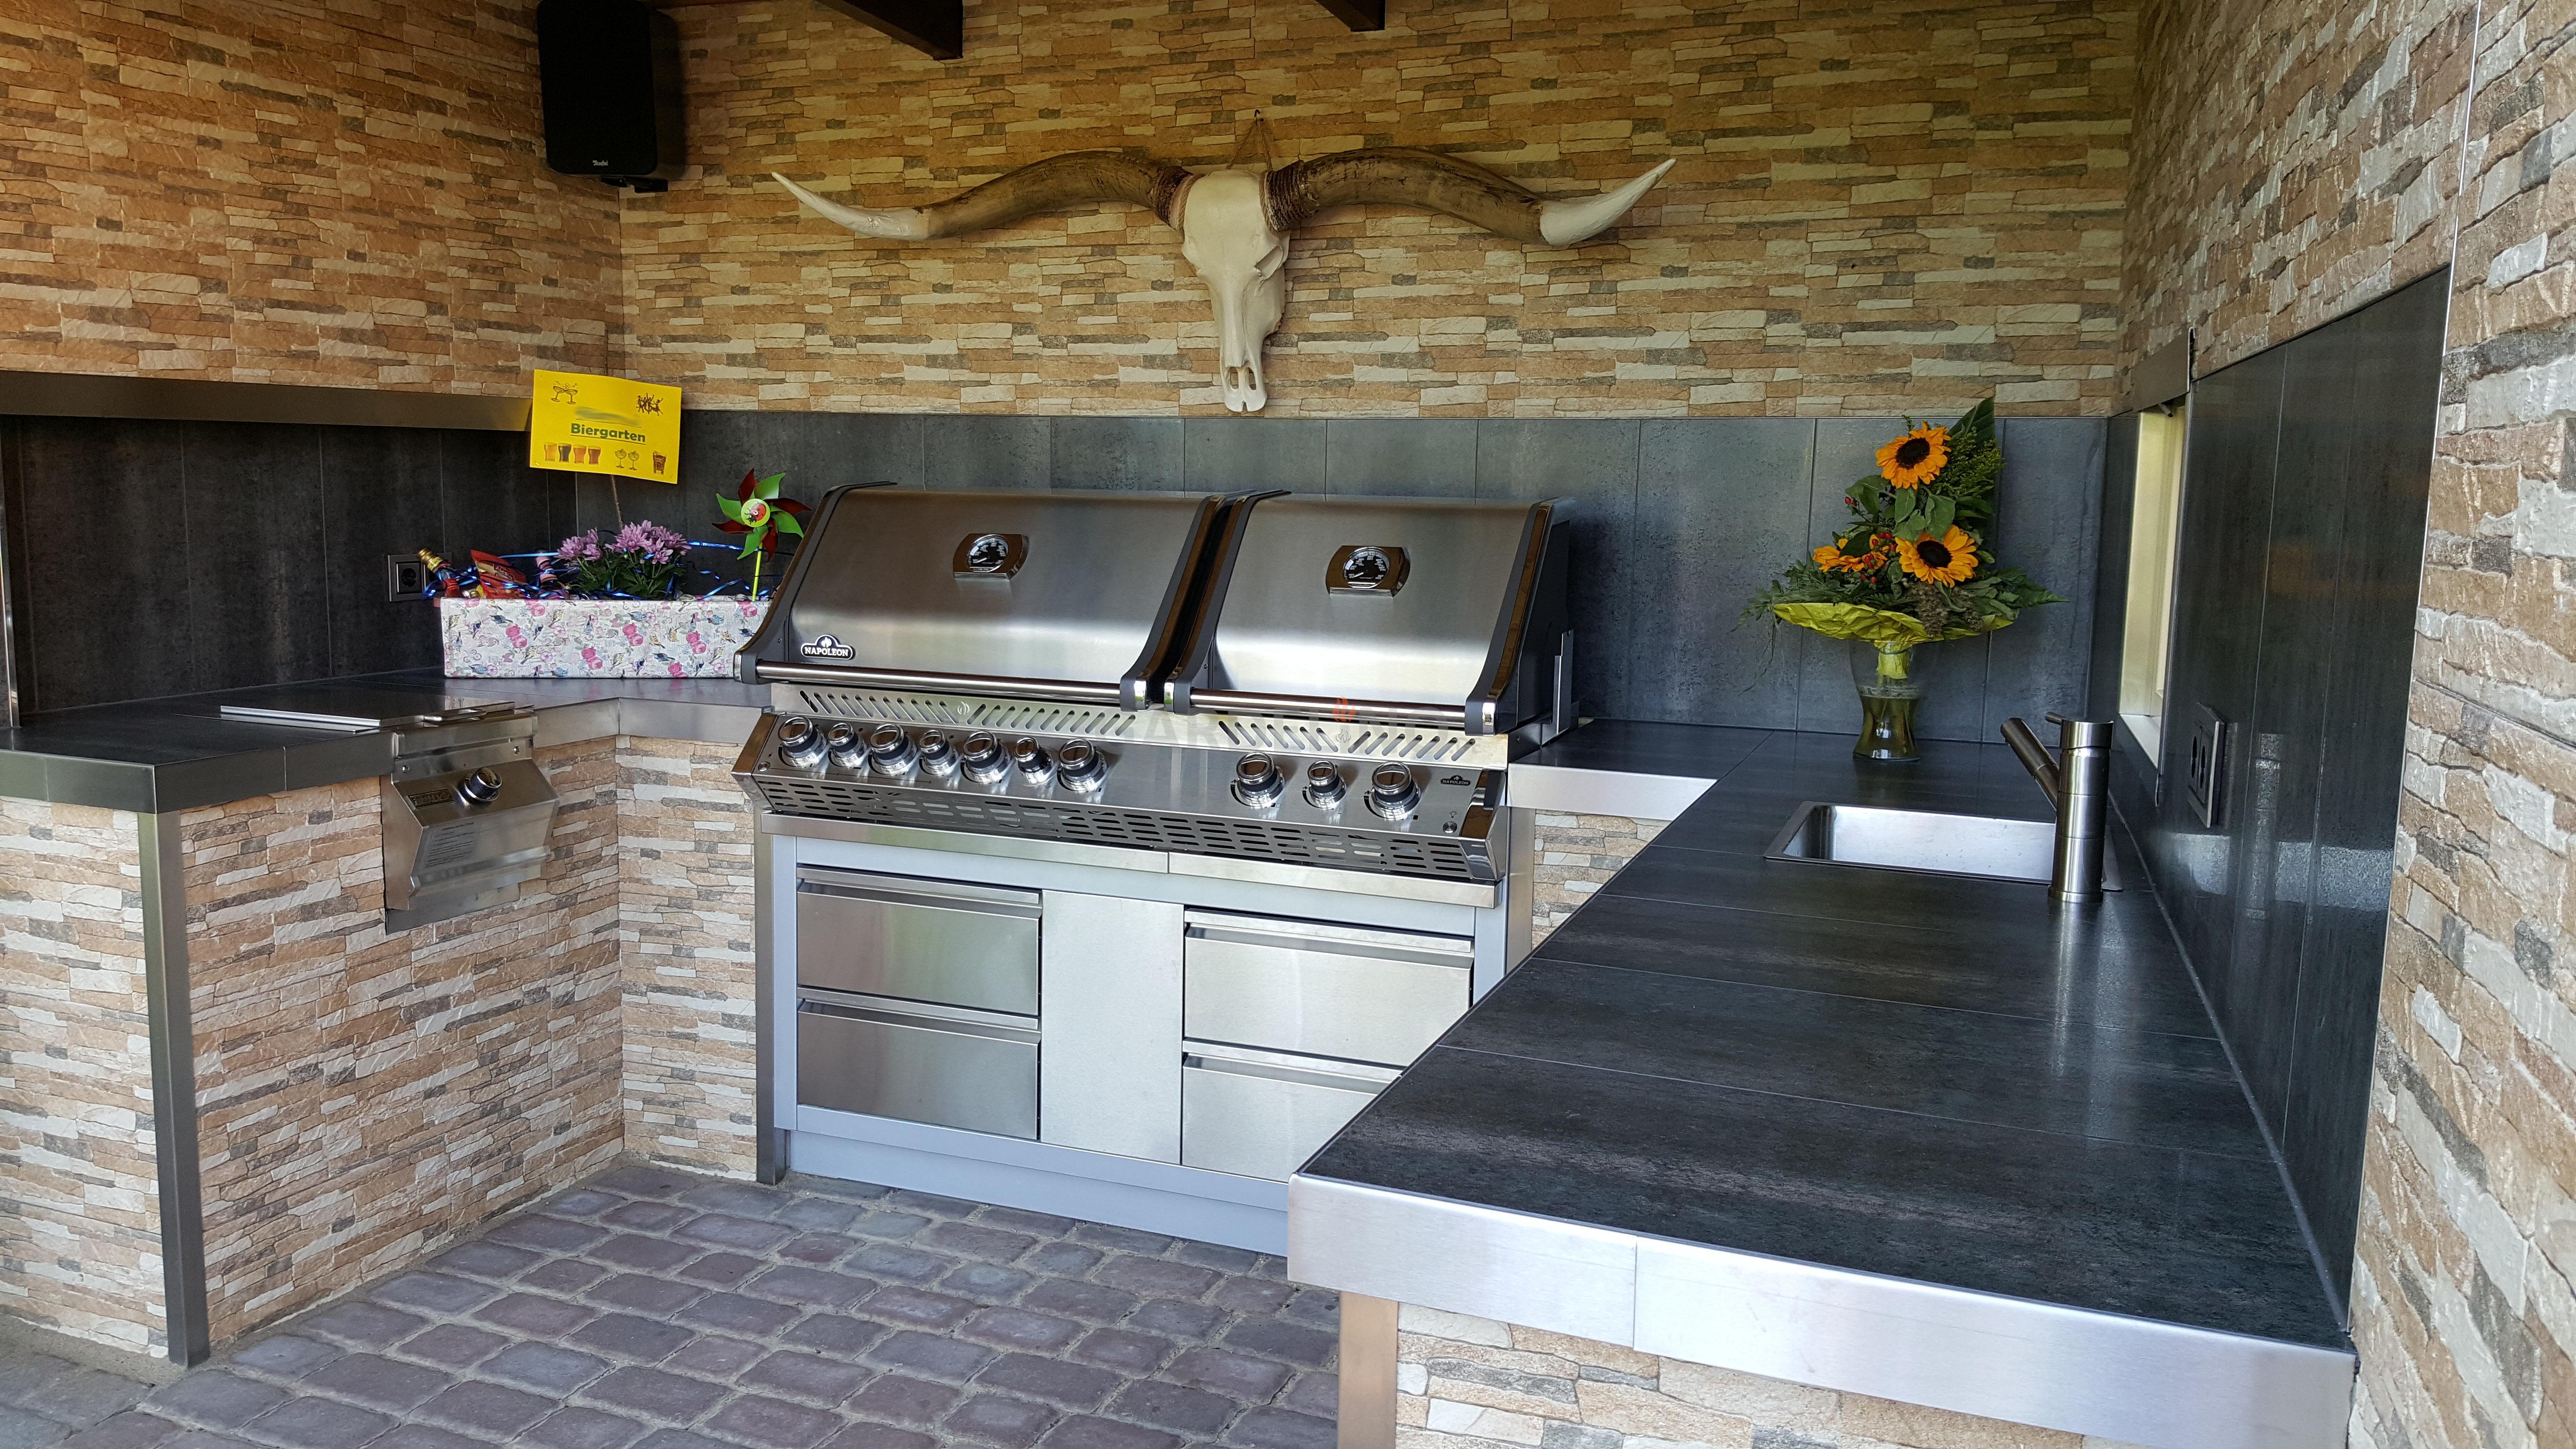 Outdoorküche Stein Wikipedia : Outdoorküche stein wikipedia outdoor küche elektro einbauküche